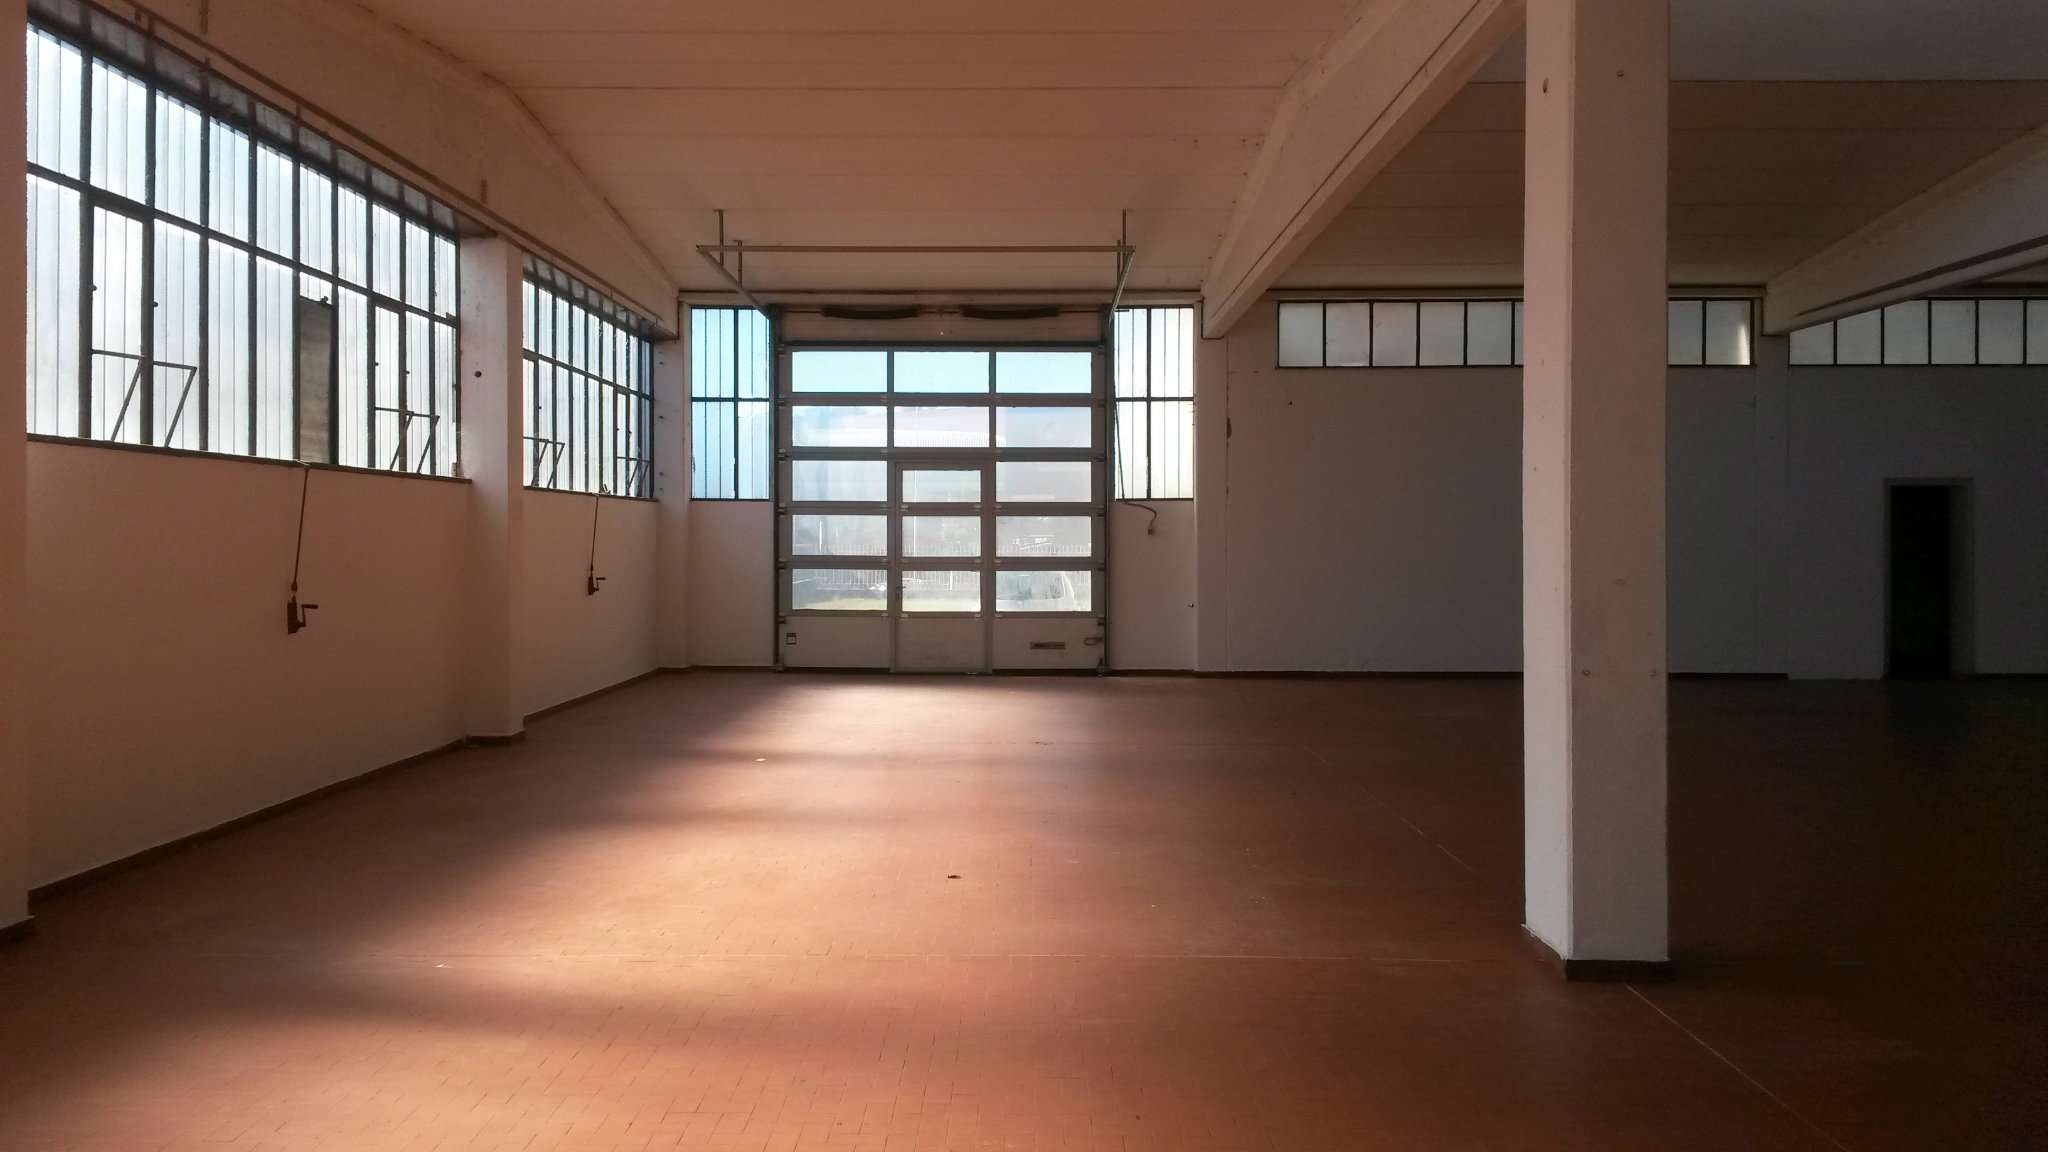 Altro in vendita a Villa Guardia, 10 locali, prezzo € 1.100.000 | CambioCasa.it